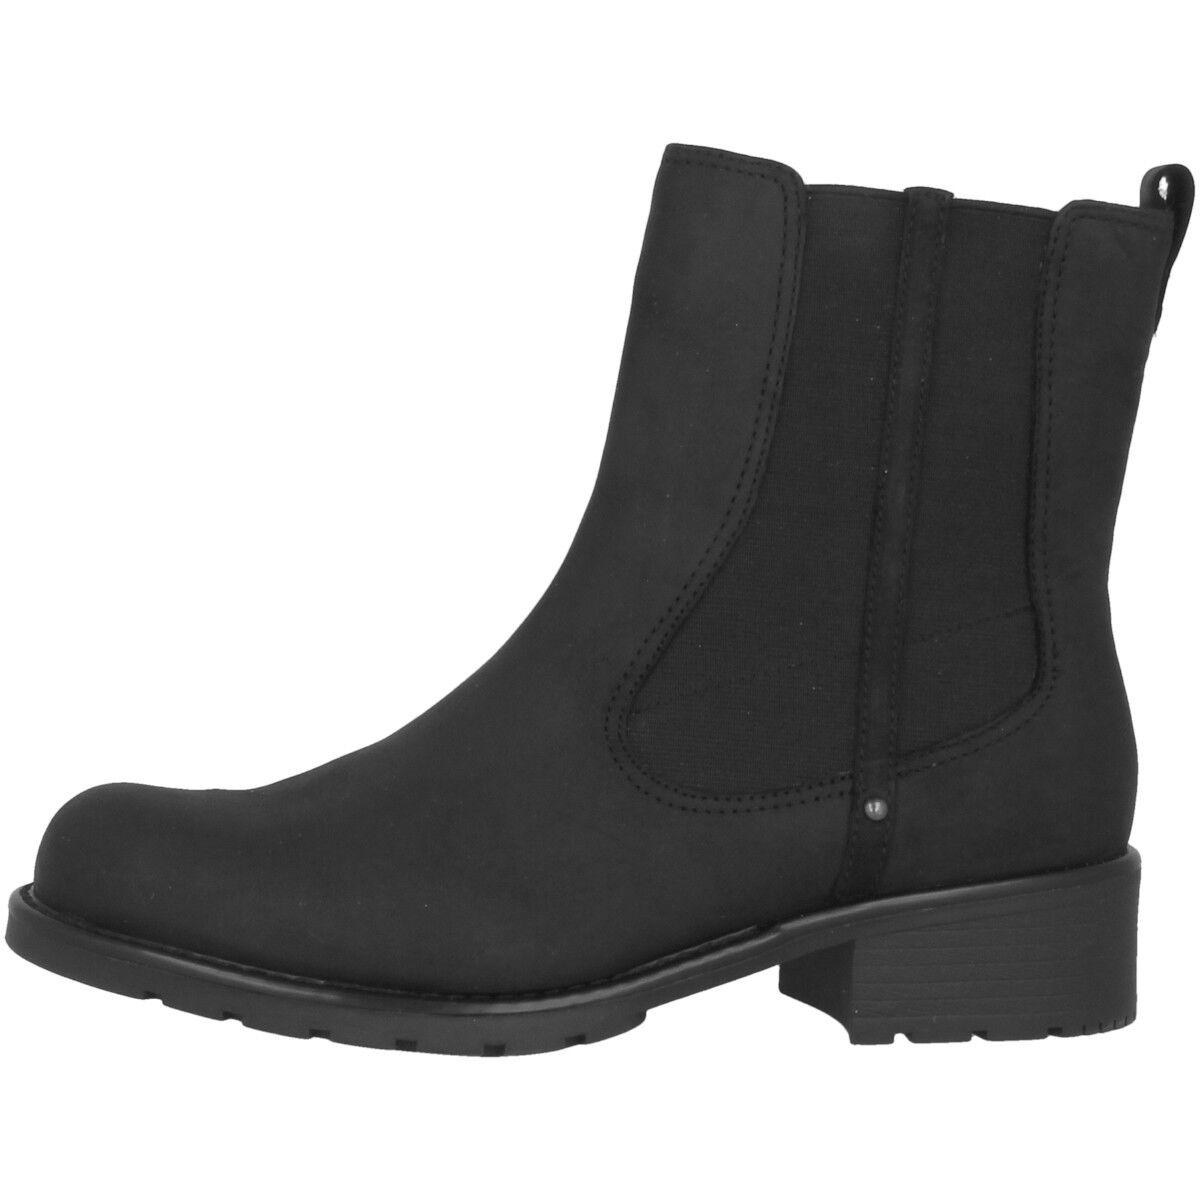 Clarks Orinoco Club Zapatos Mujer Piel siefel women Botas Black Pearl 20340918